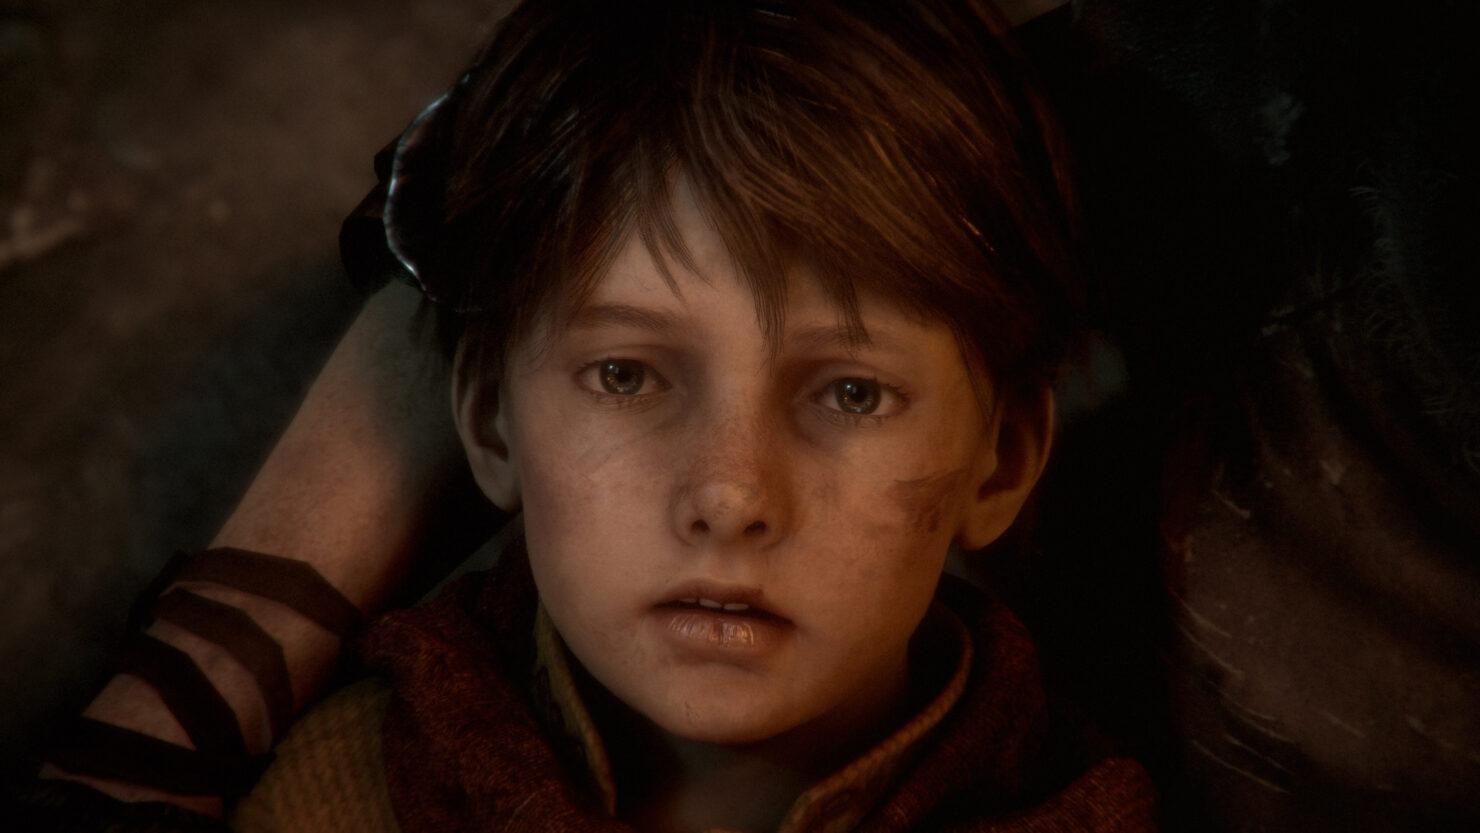 plague-tale-innocence-new-screenshots-screenshot-06